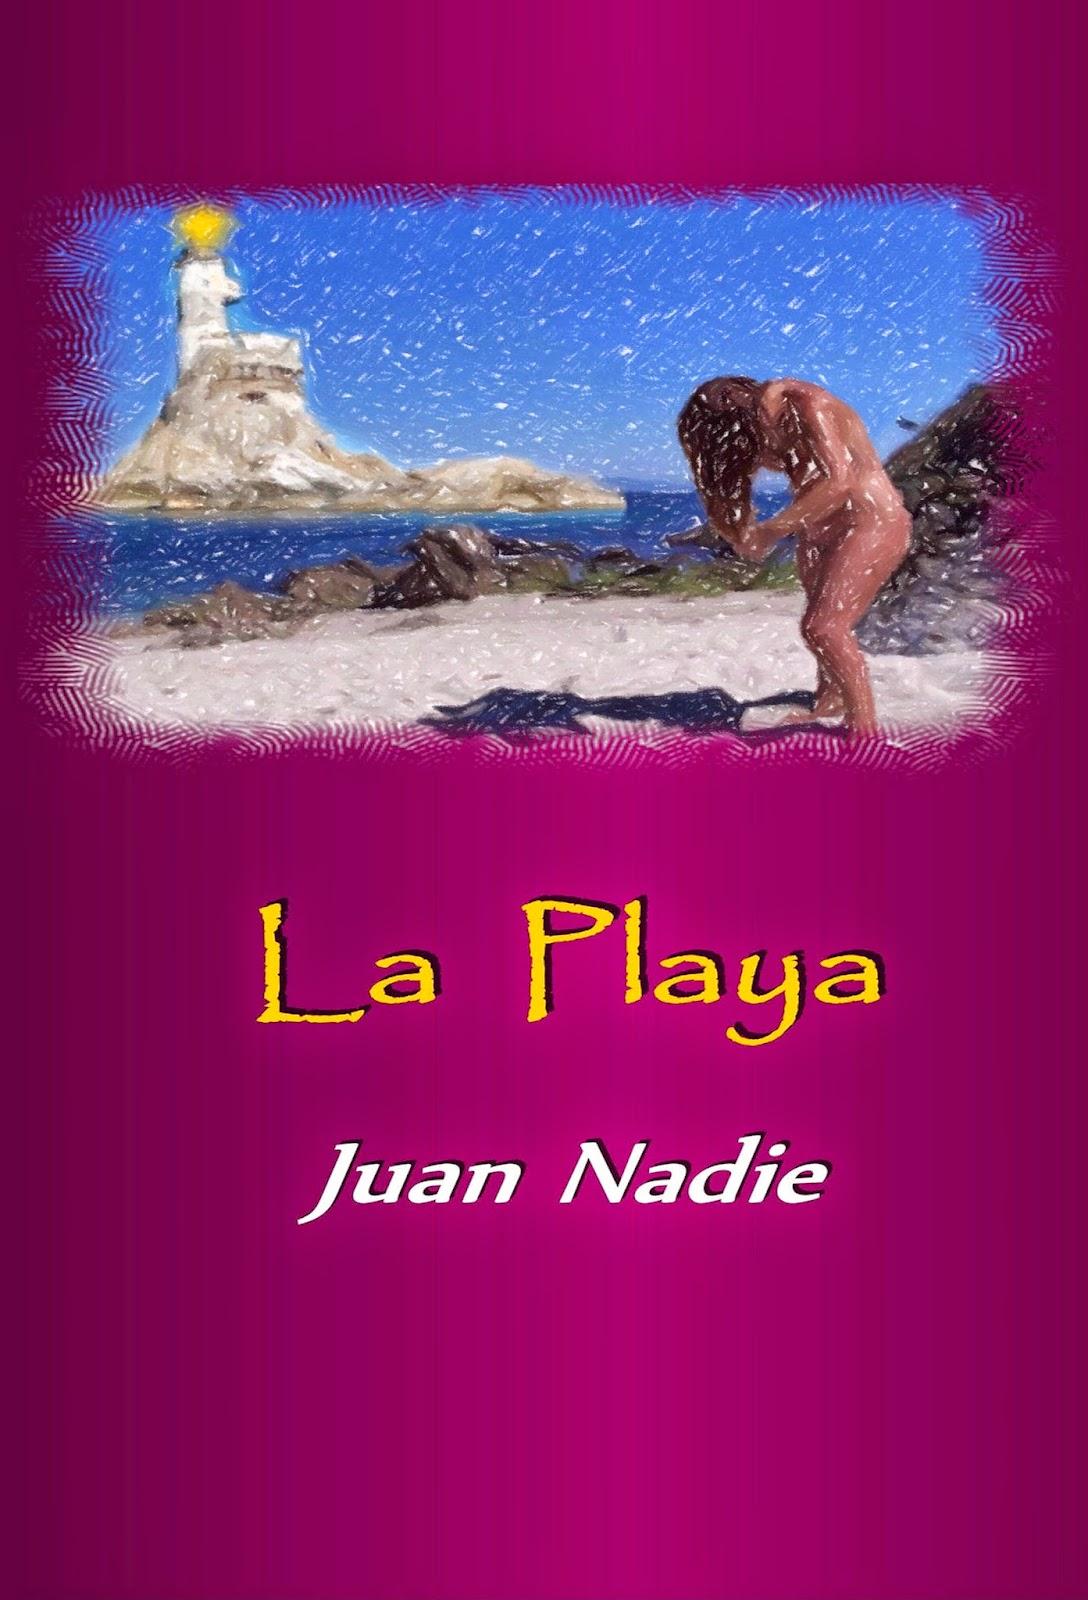 http://relatosdejuannadie.blogspot.com.es/2014/06/la-playa-la-leyenda-de-la-sirena-y-el.html